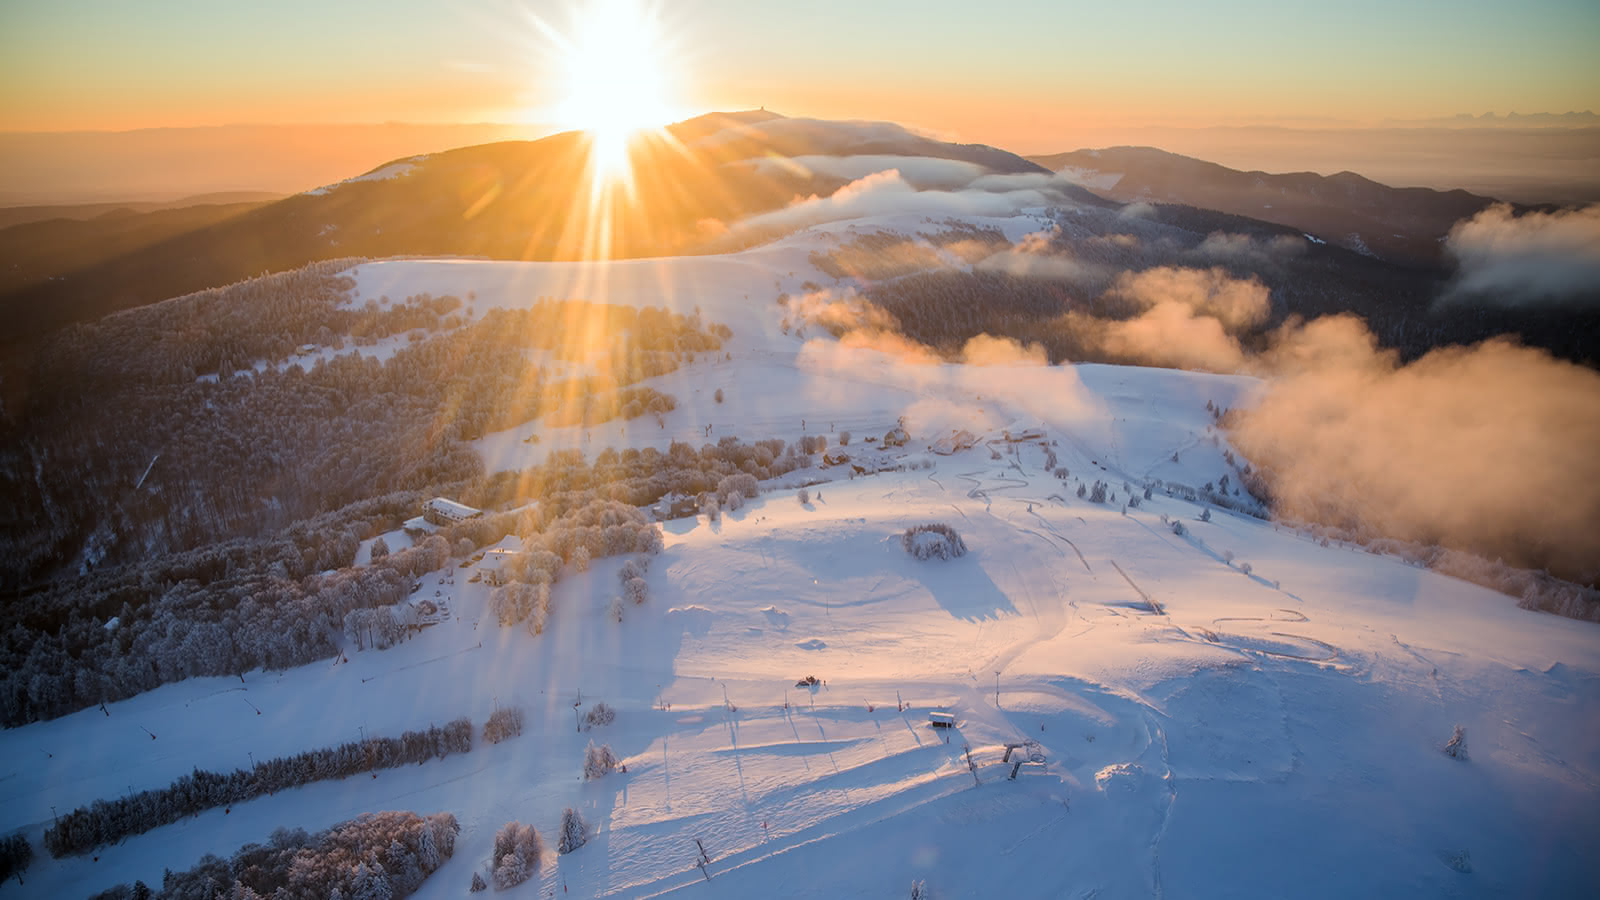 Vùng tuyết trắng dưới ánh mặt trời